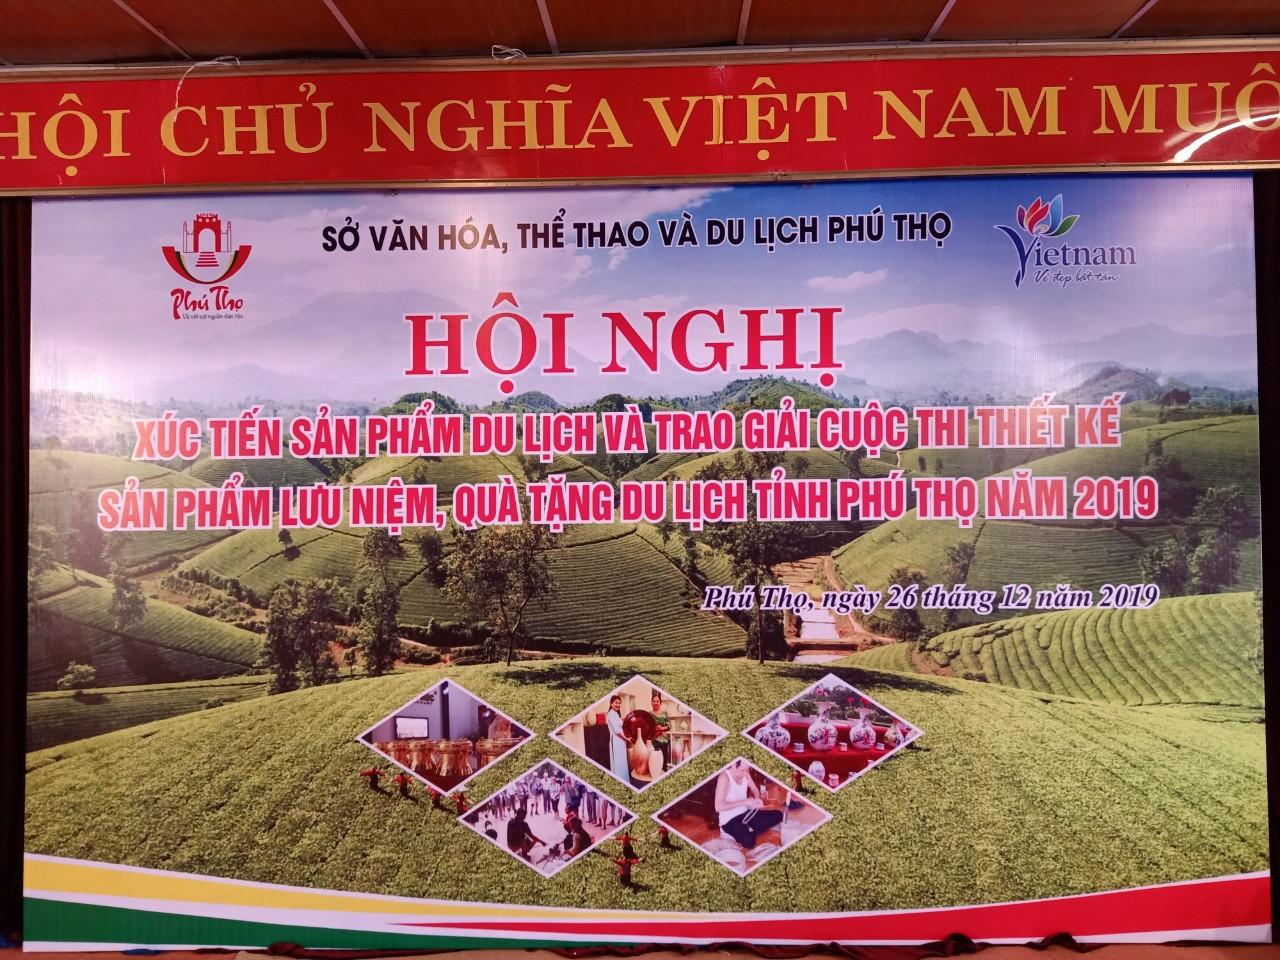 Hội nghị xúc tiến sản phẩm du lịch Phú Thọ